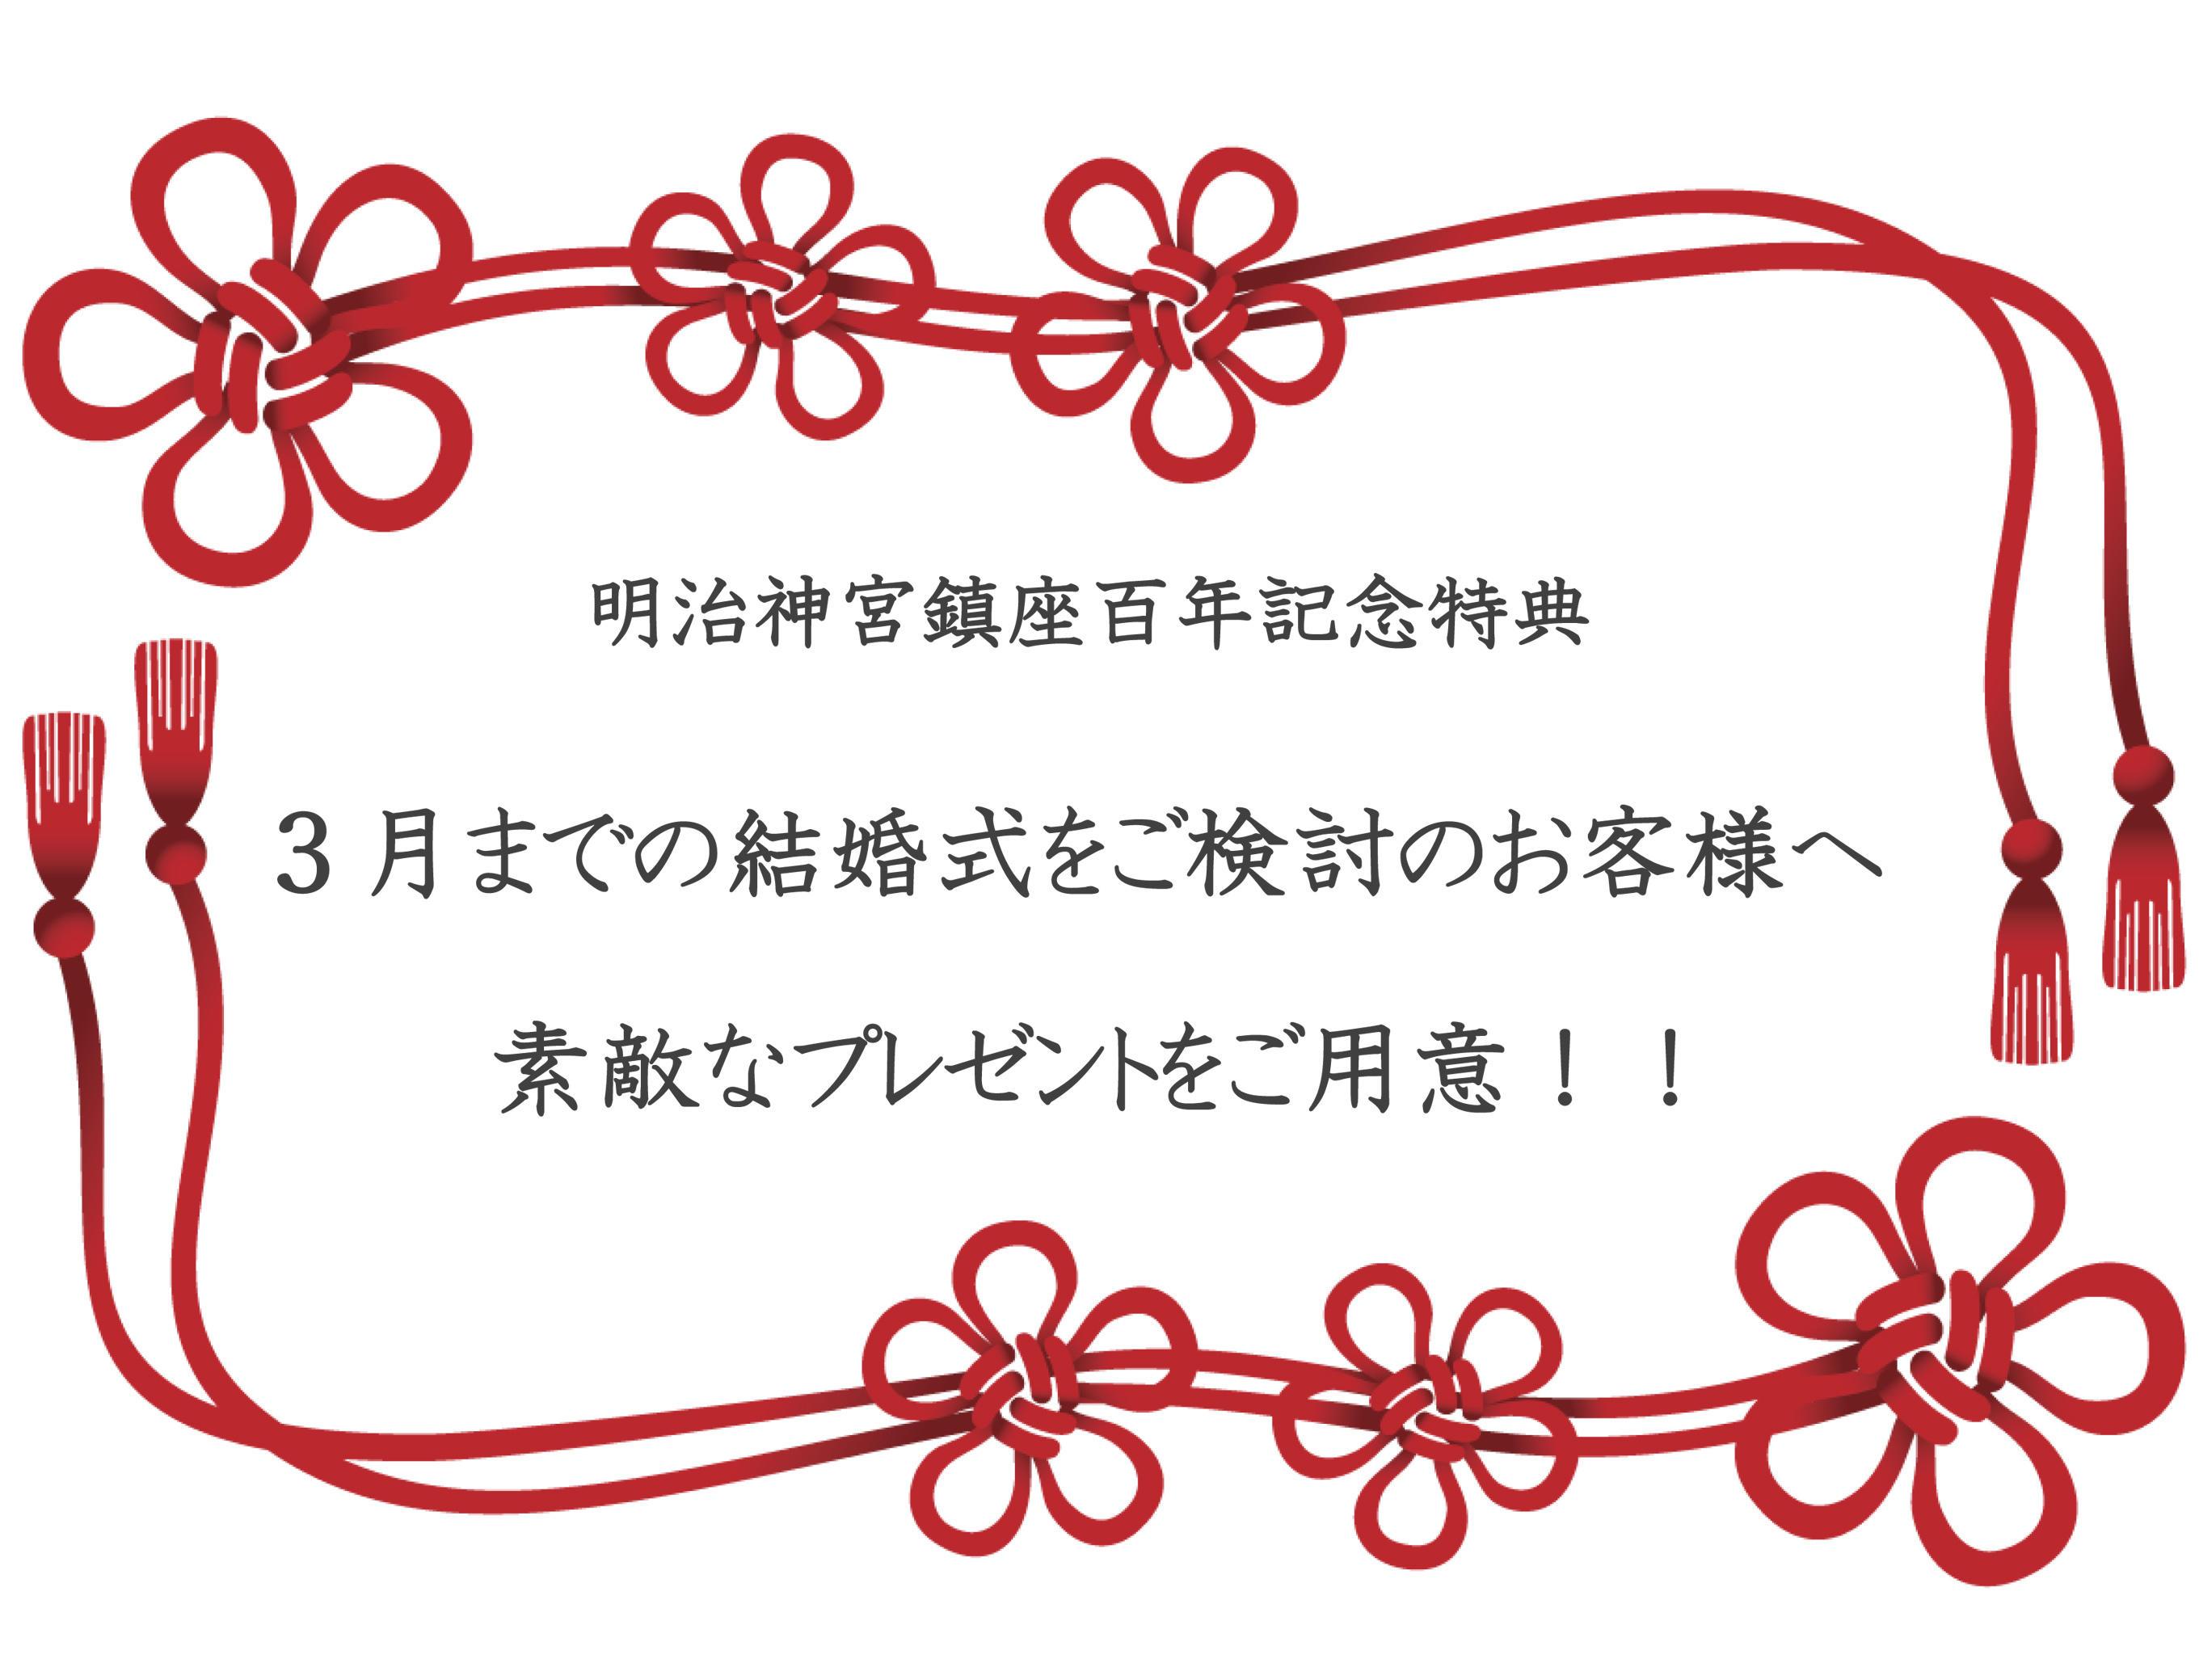 ◆◆3月までの結婚式をご検討のお客様へ◆◆